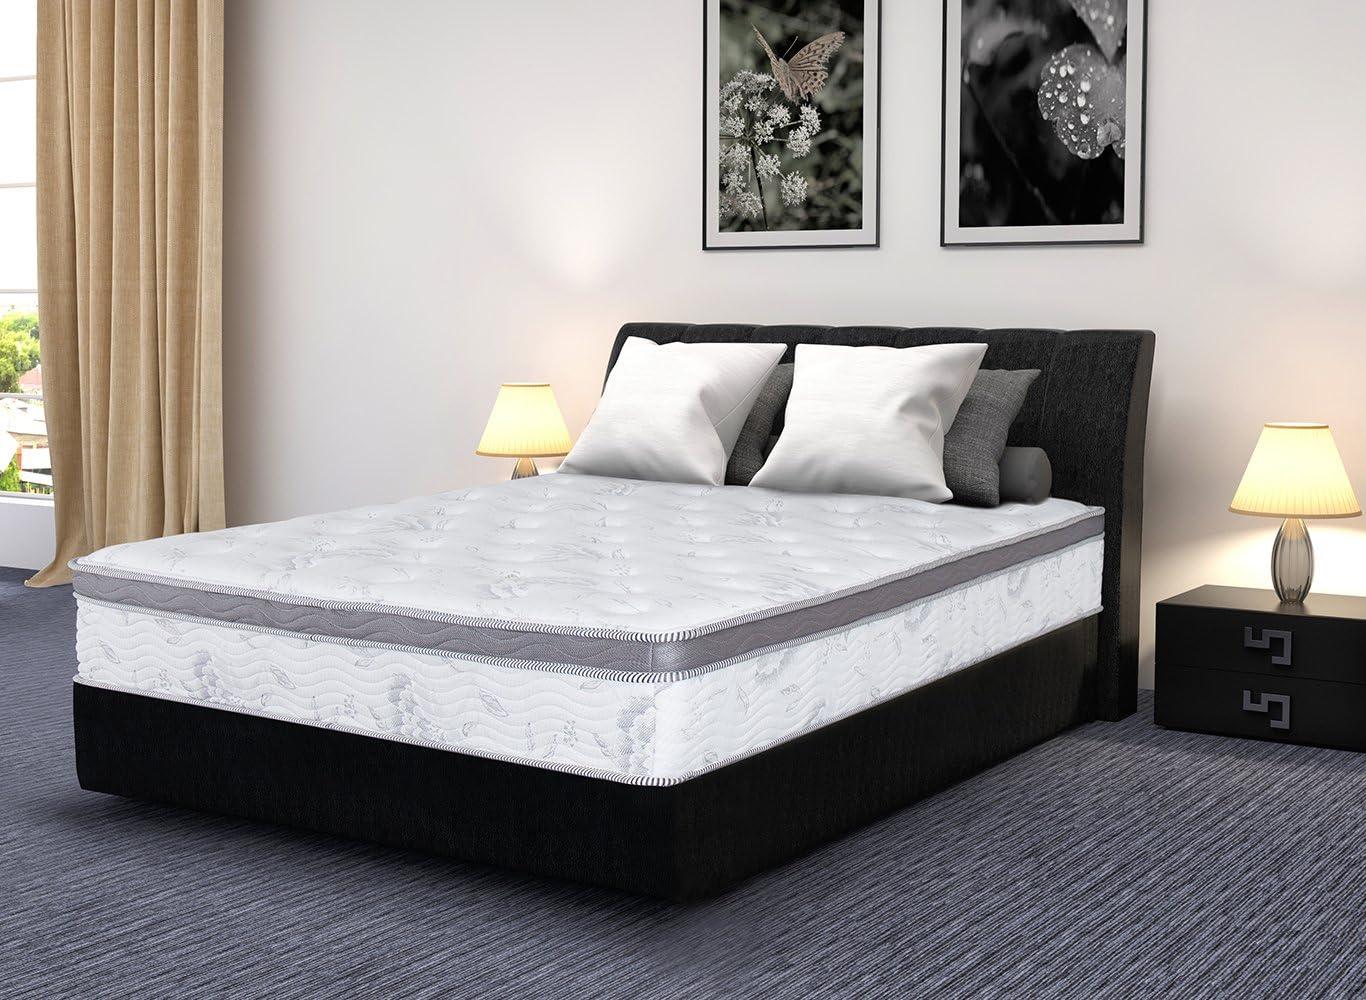 Sleeplace Hybrid Spring Mattress, King, White